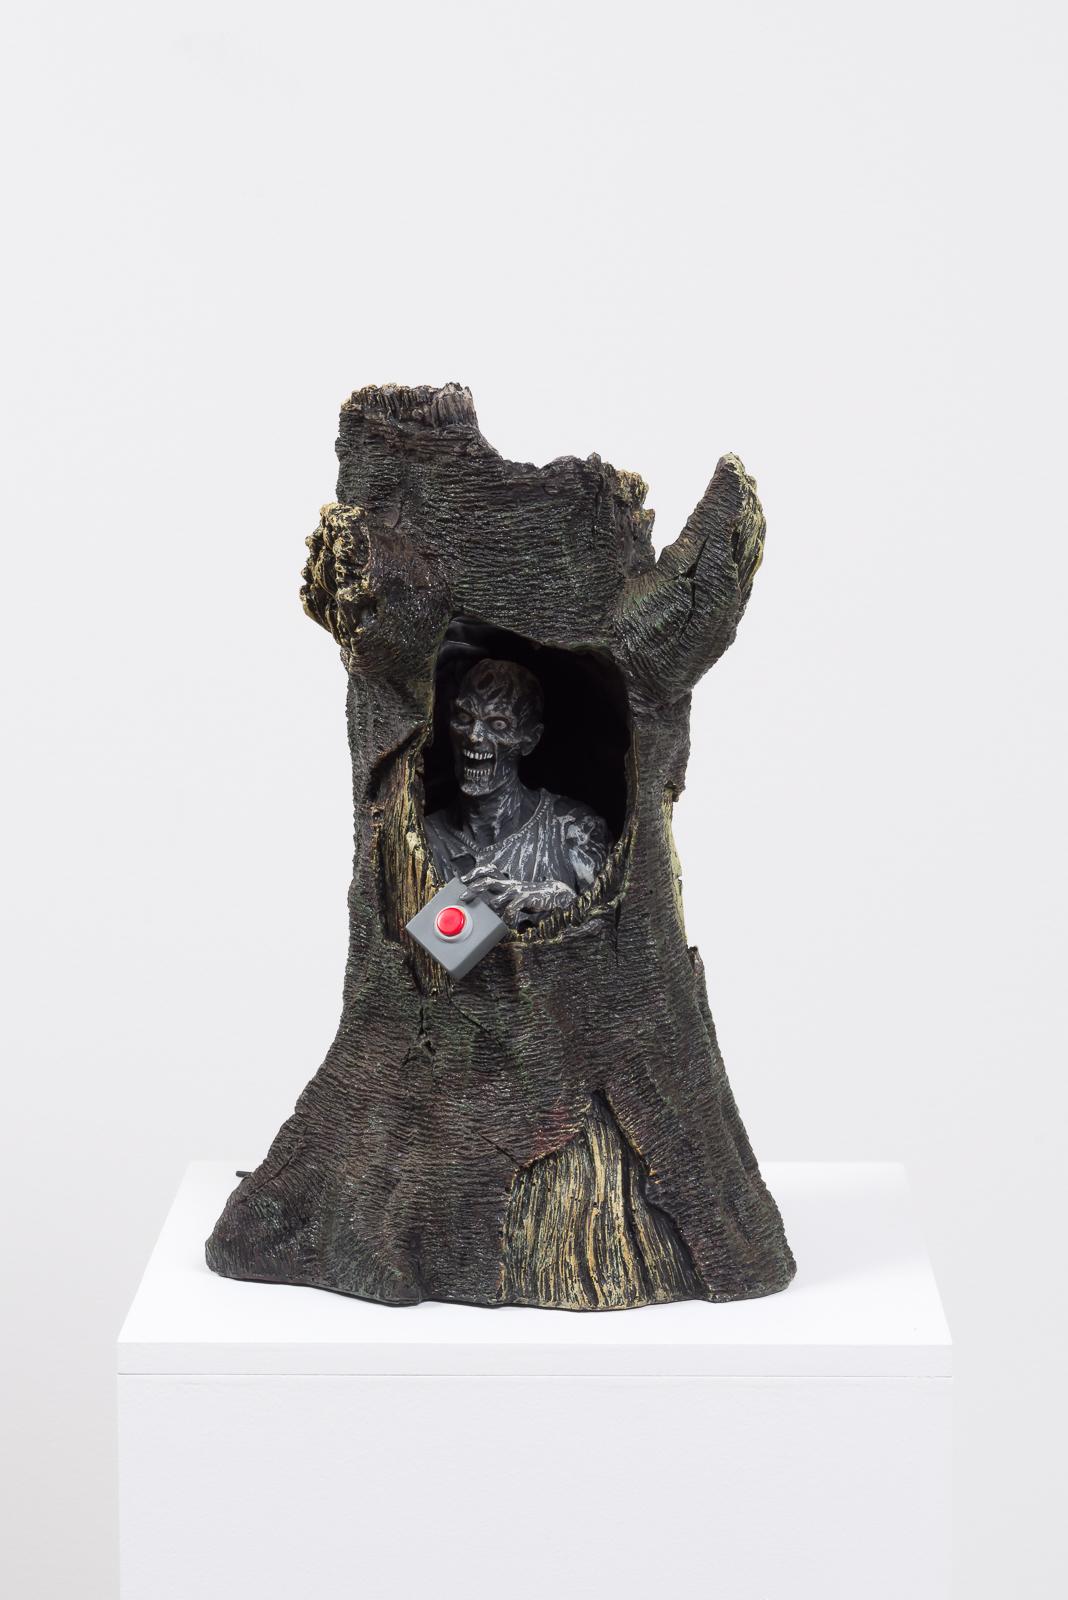 Trigger Finger, 2017  Vinyl figure, plastic weapons, resin tree, pedestal